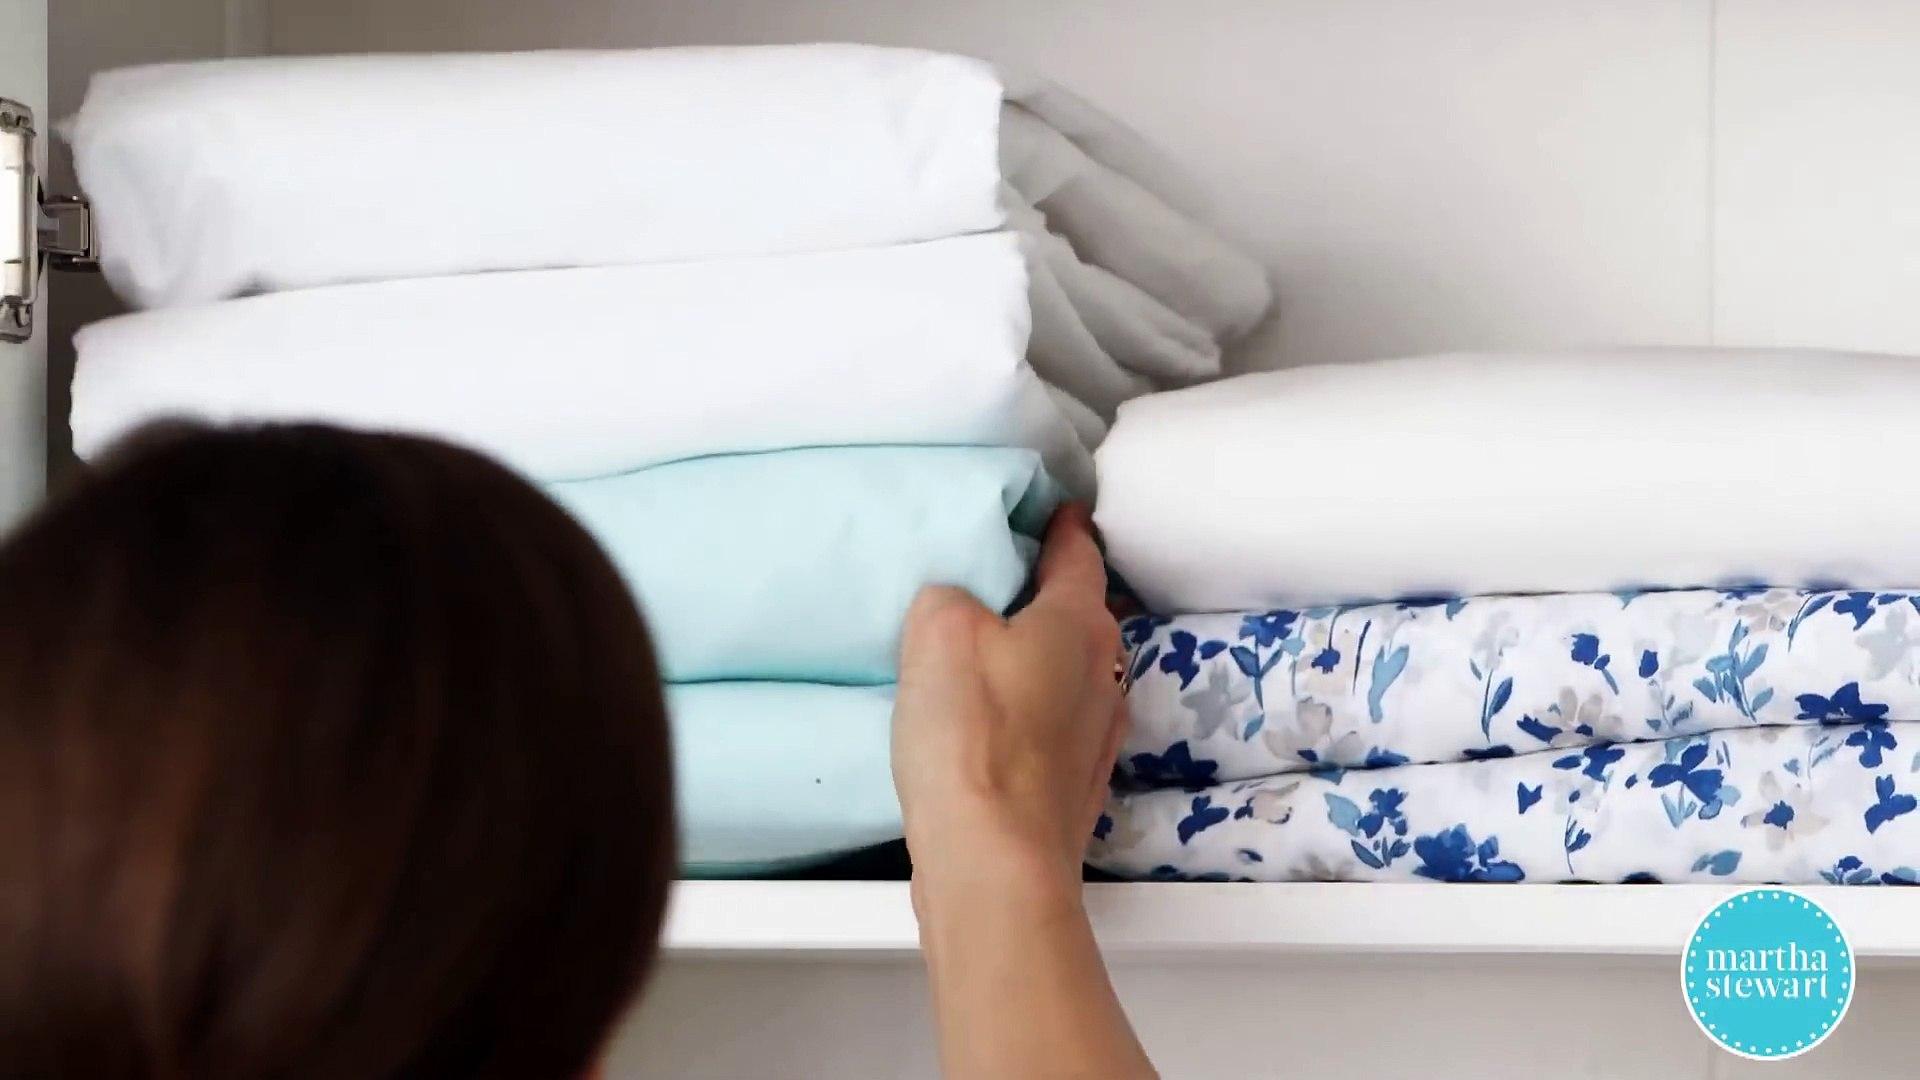 How To Organize A Linen Closet Martha Stewart F Kohb47 Dq